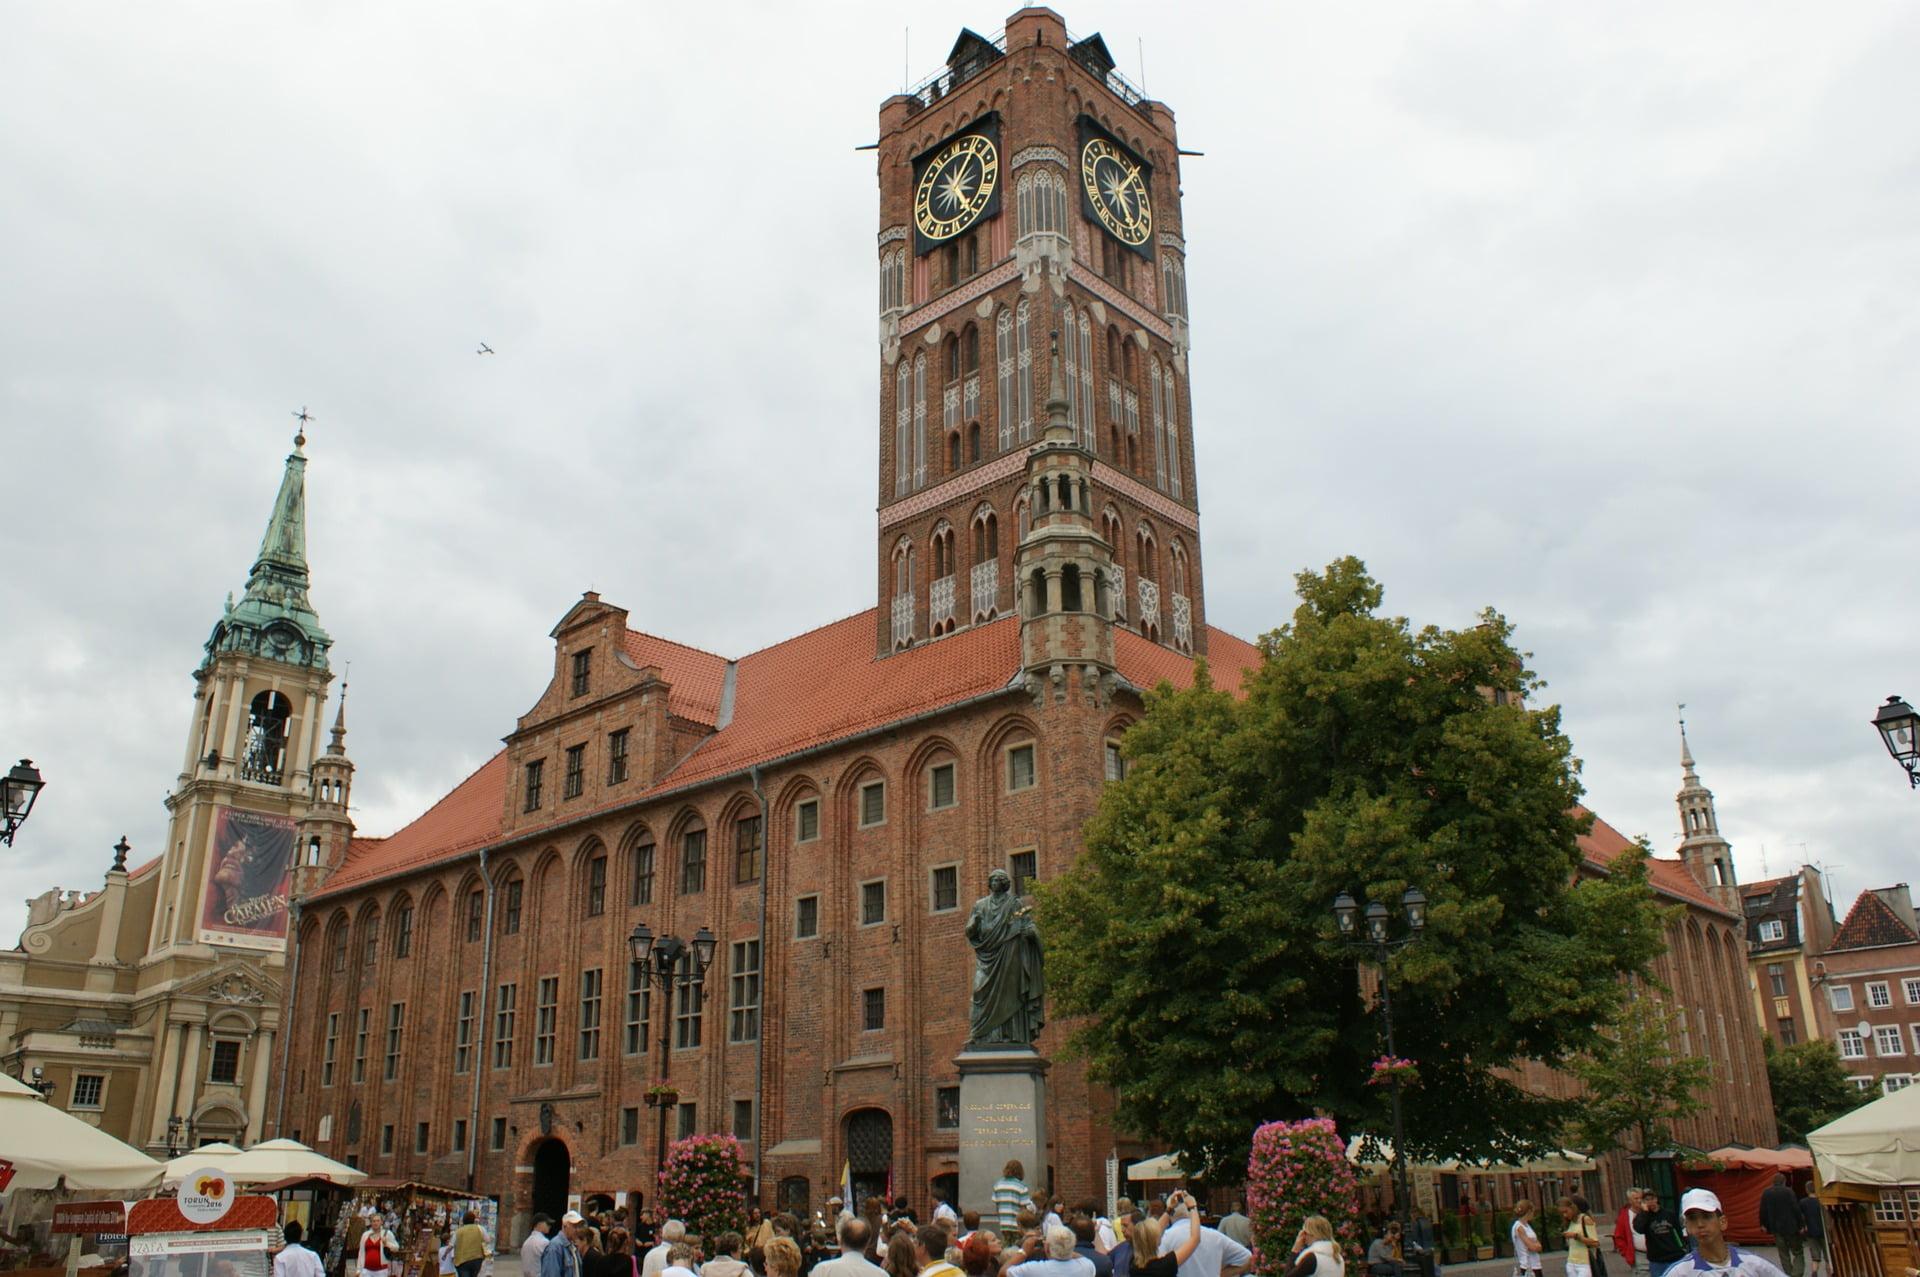 Toruń: Czynsz zaogródki istoiska plenerowe obniżony o90%